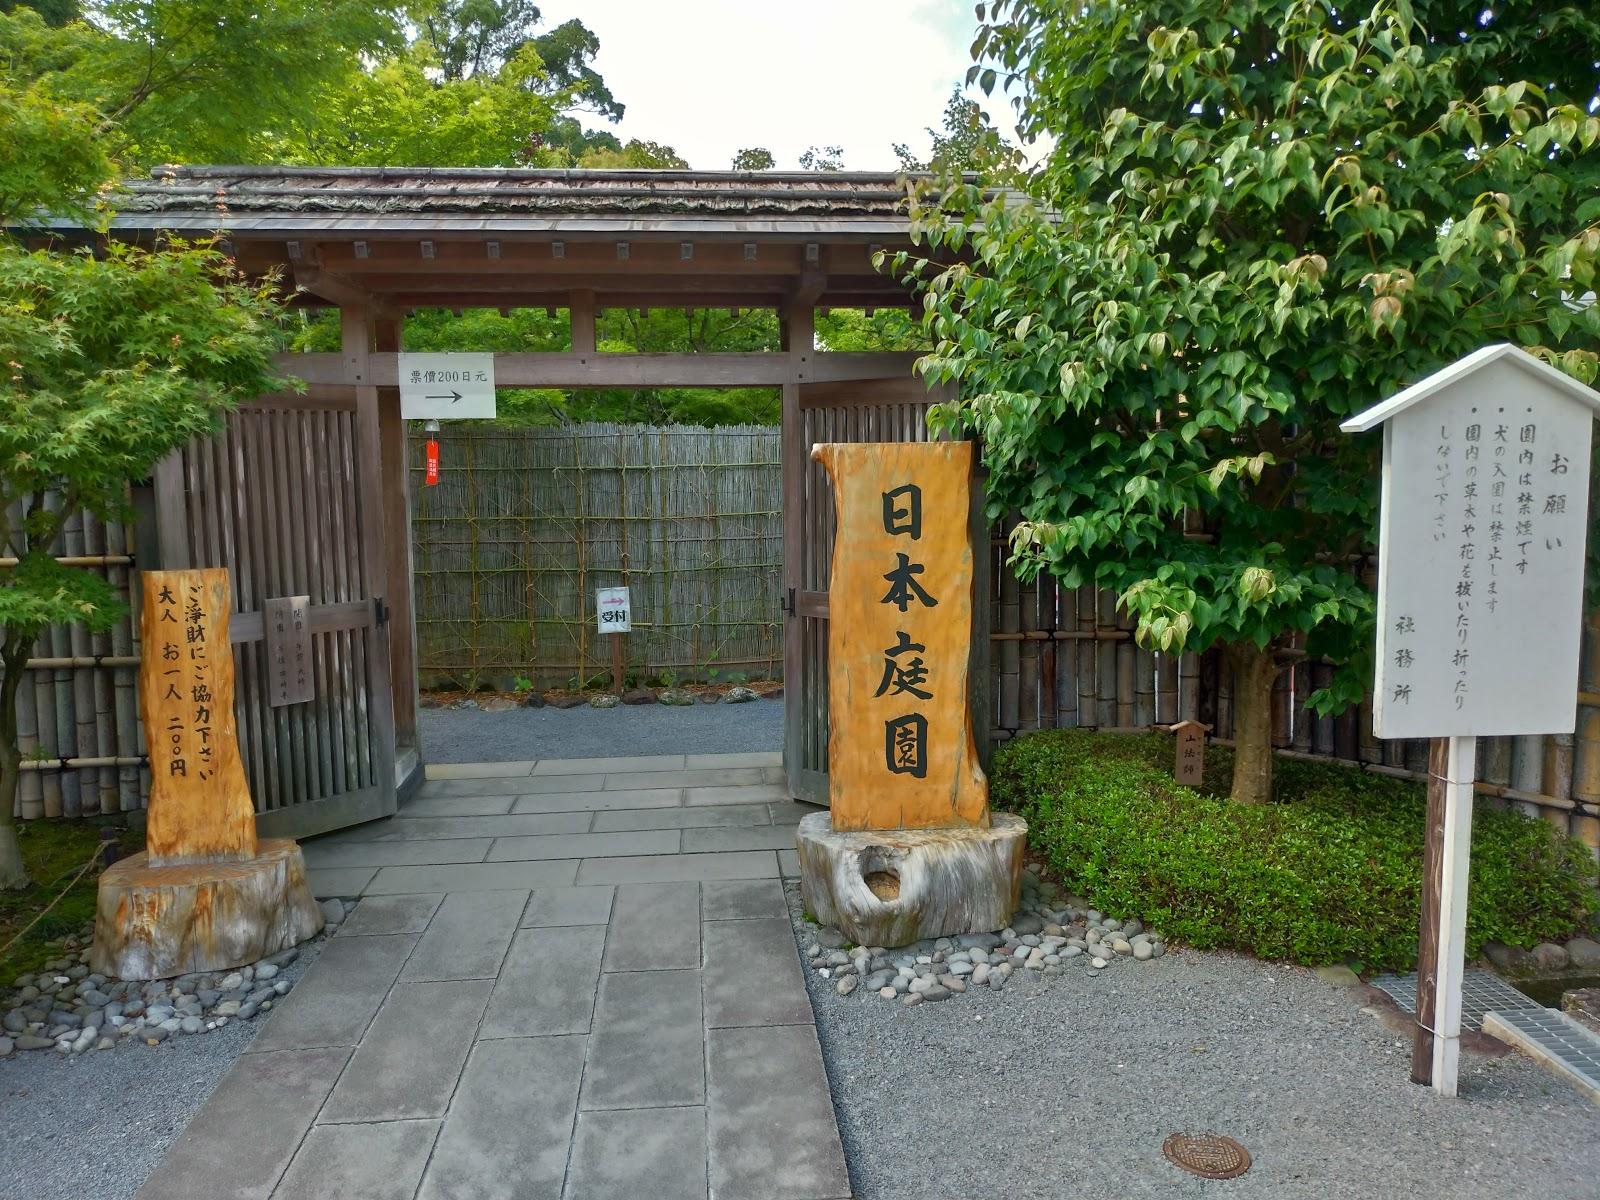 佐賀・祐徳稲荷神社庭園